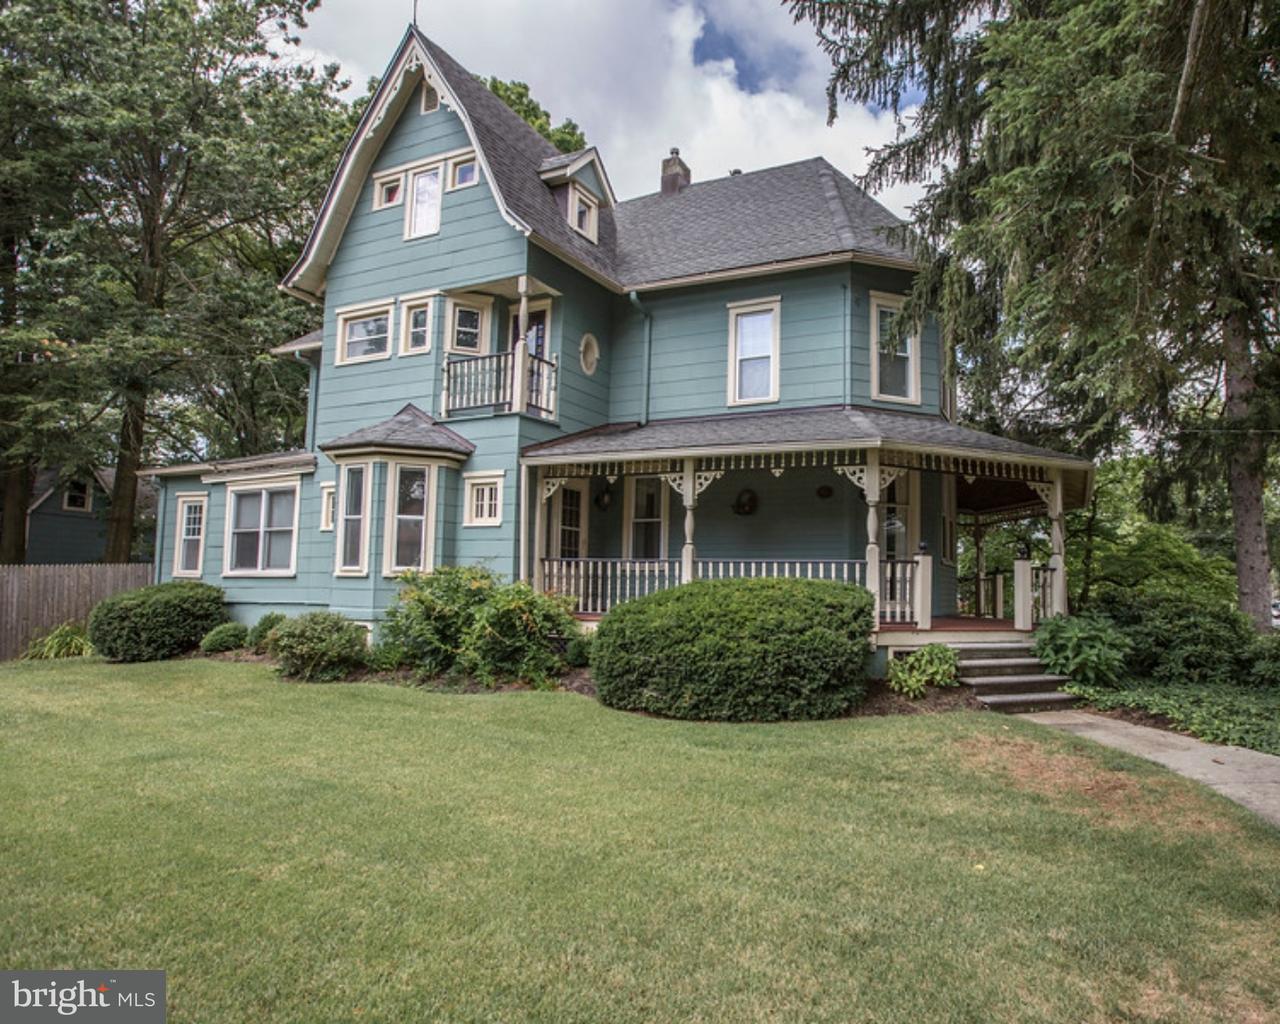 Частный односемейный дом для того Продажа на 648 LINWOOD Avenue Collingswood, Нью-Джерси 08108 Соединенные Штаты